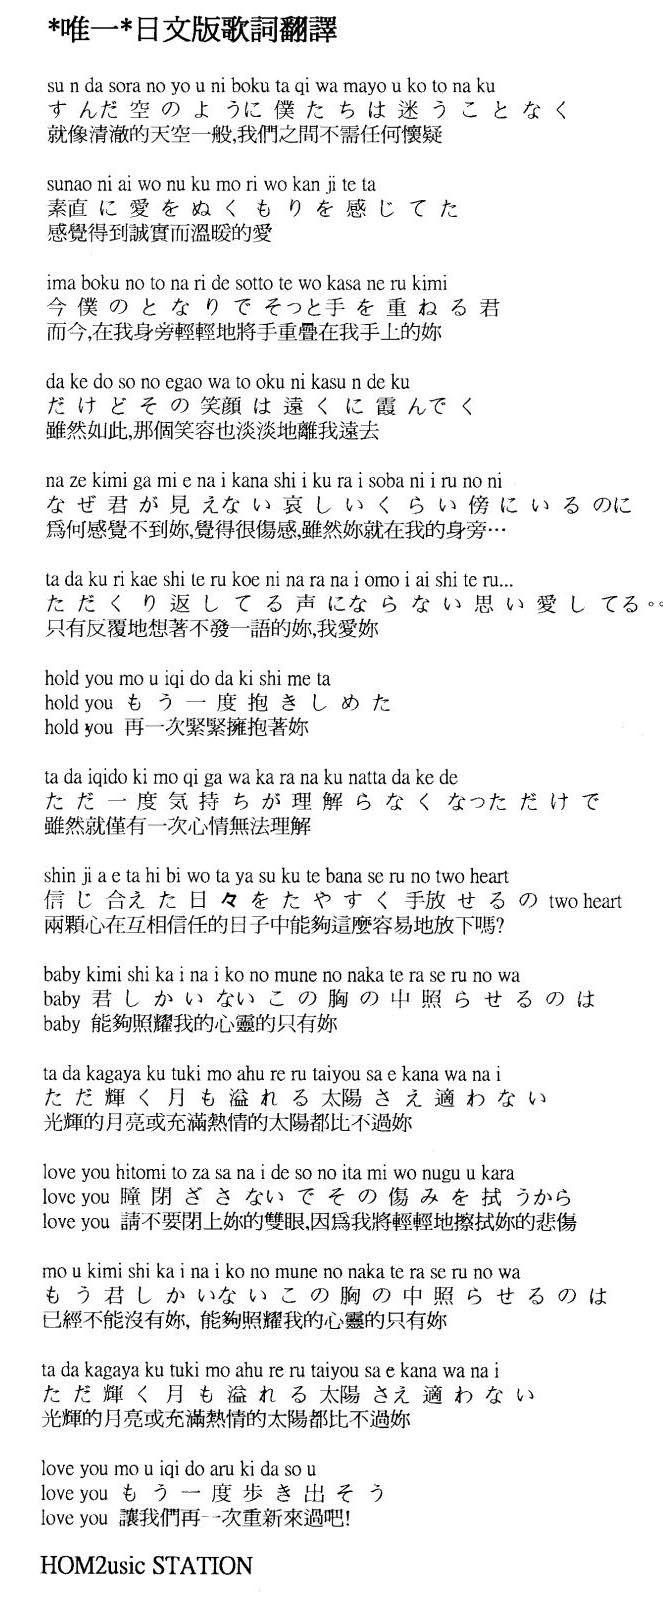 Japanese words with english translation google search japanese japanese words with english translation google search biocorpaavc Gallery